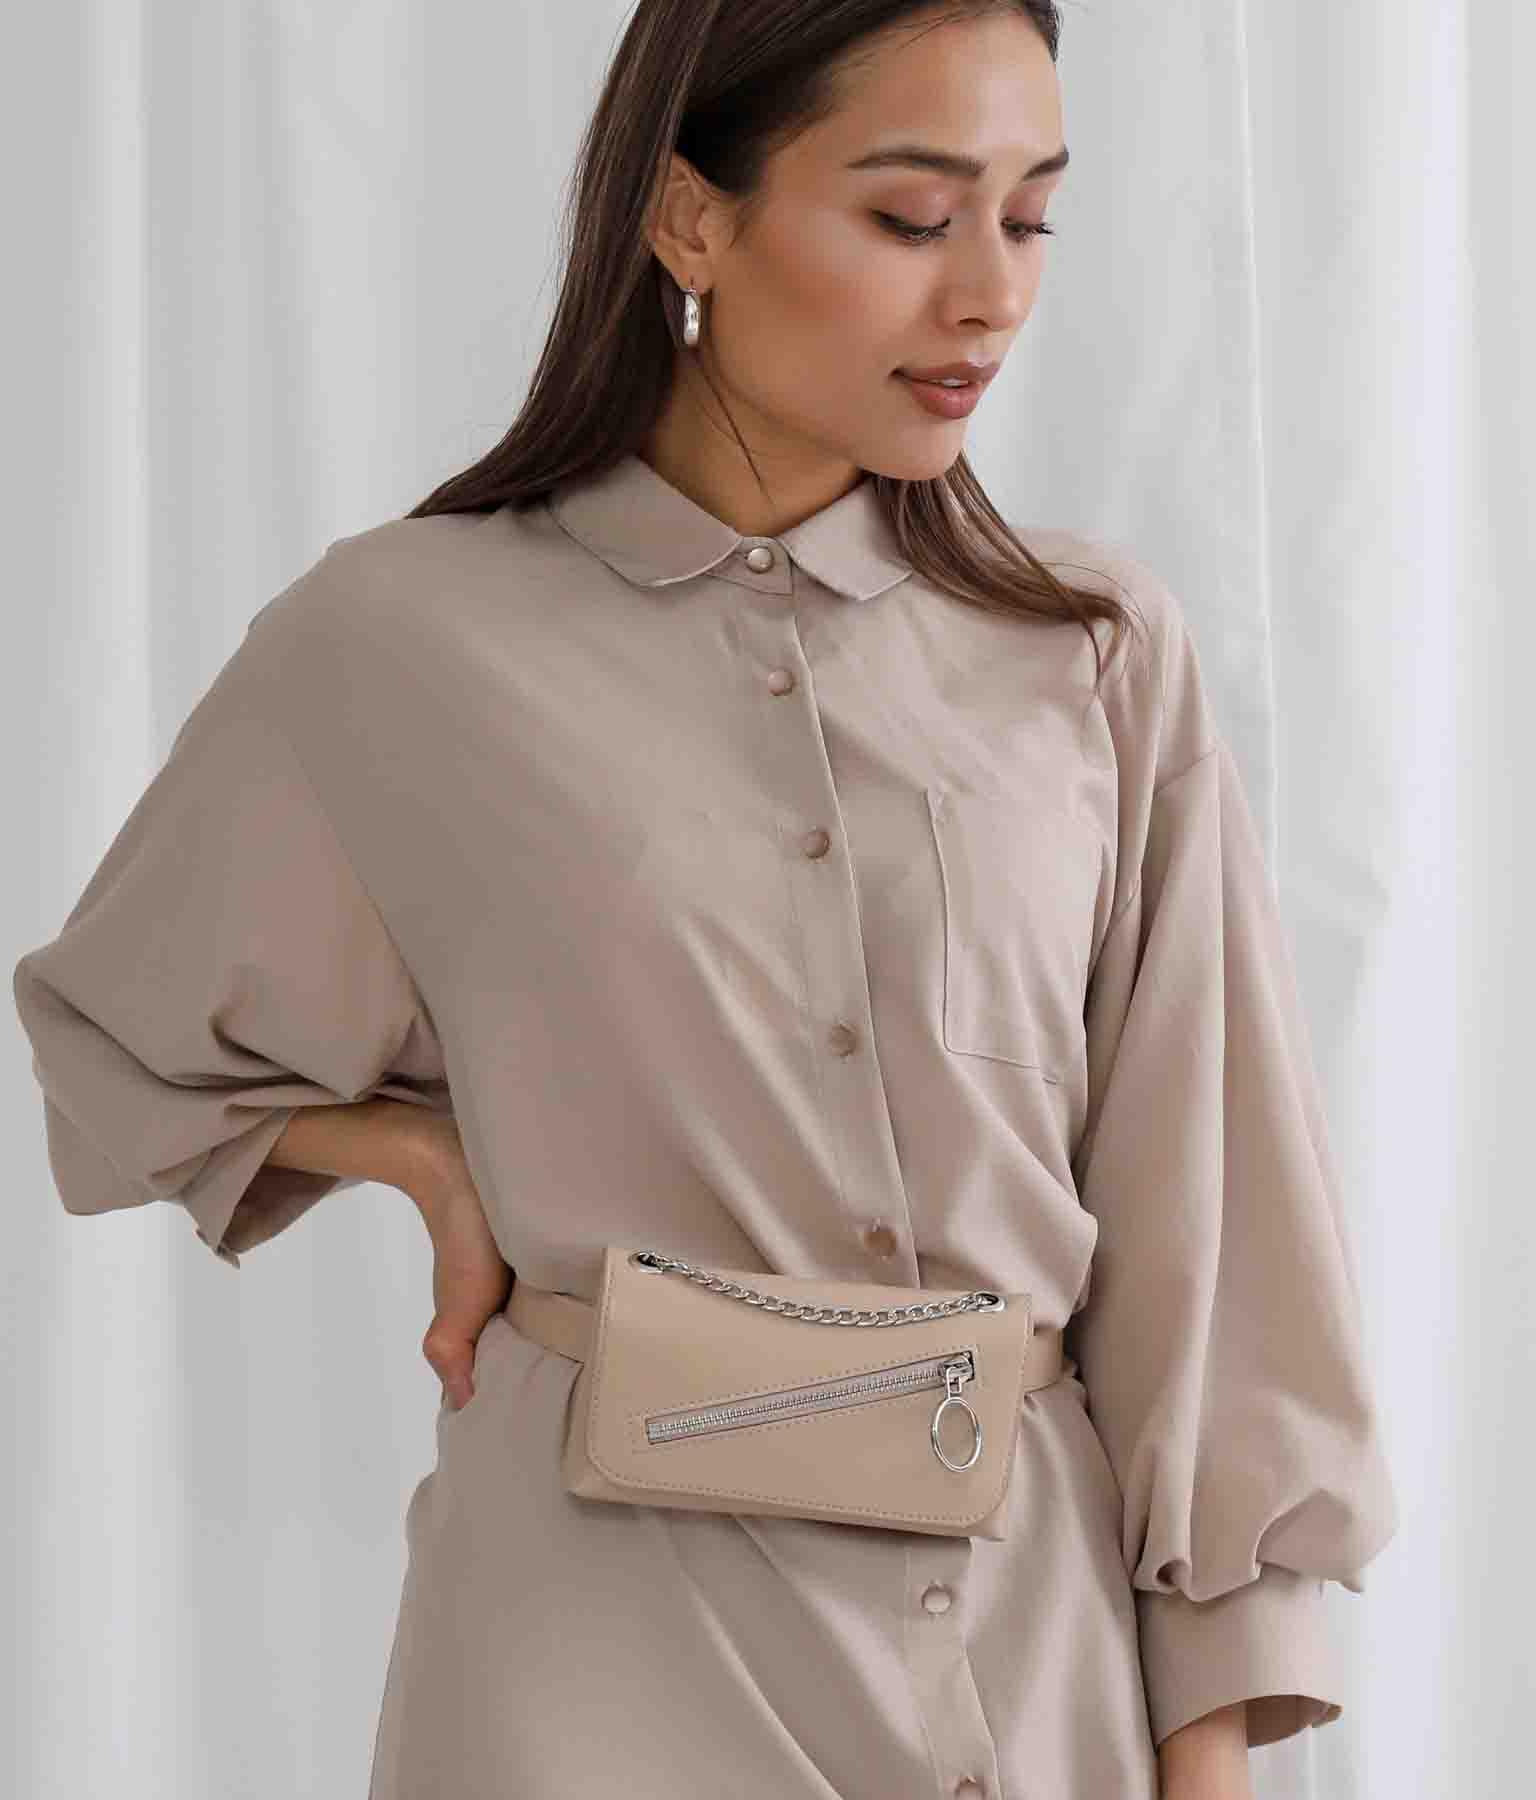 フロントジップデザイン2WAYスモールバッグ(バッグ・鞄・小物/ショルダーバッグ・ショルダーポシェット) | Settimissimo